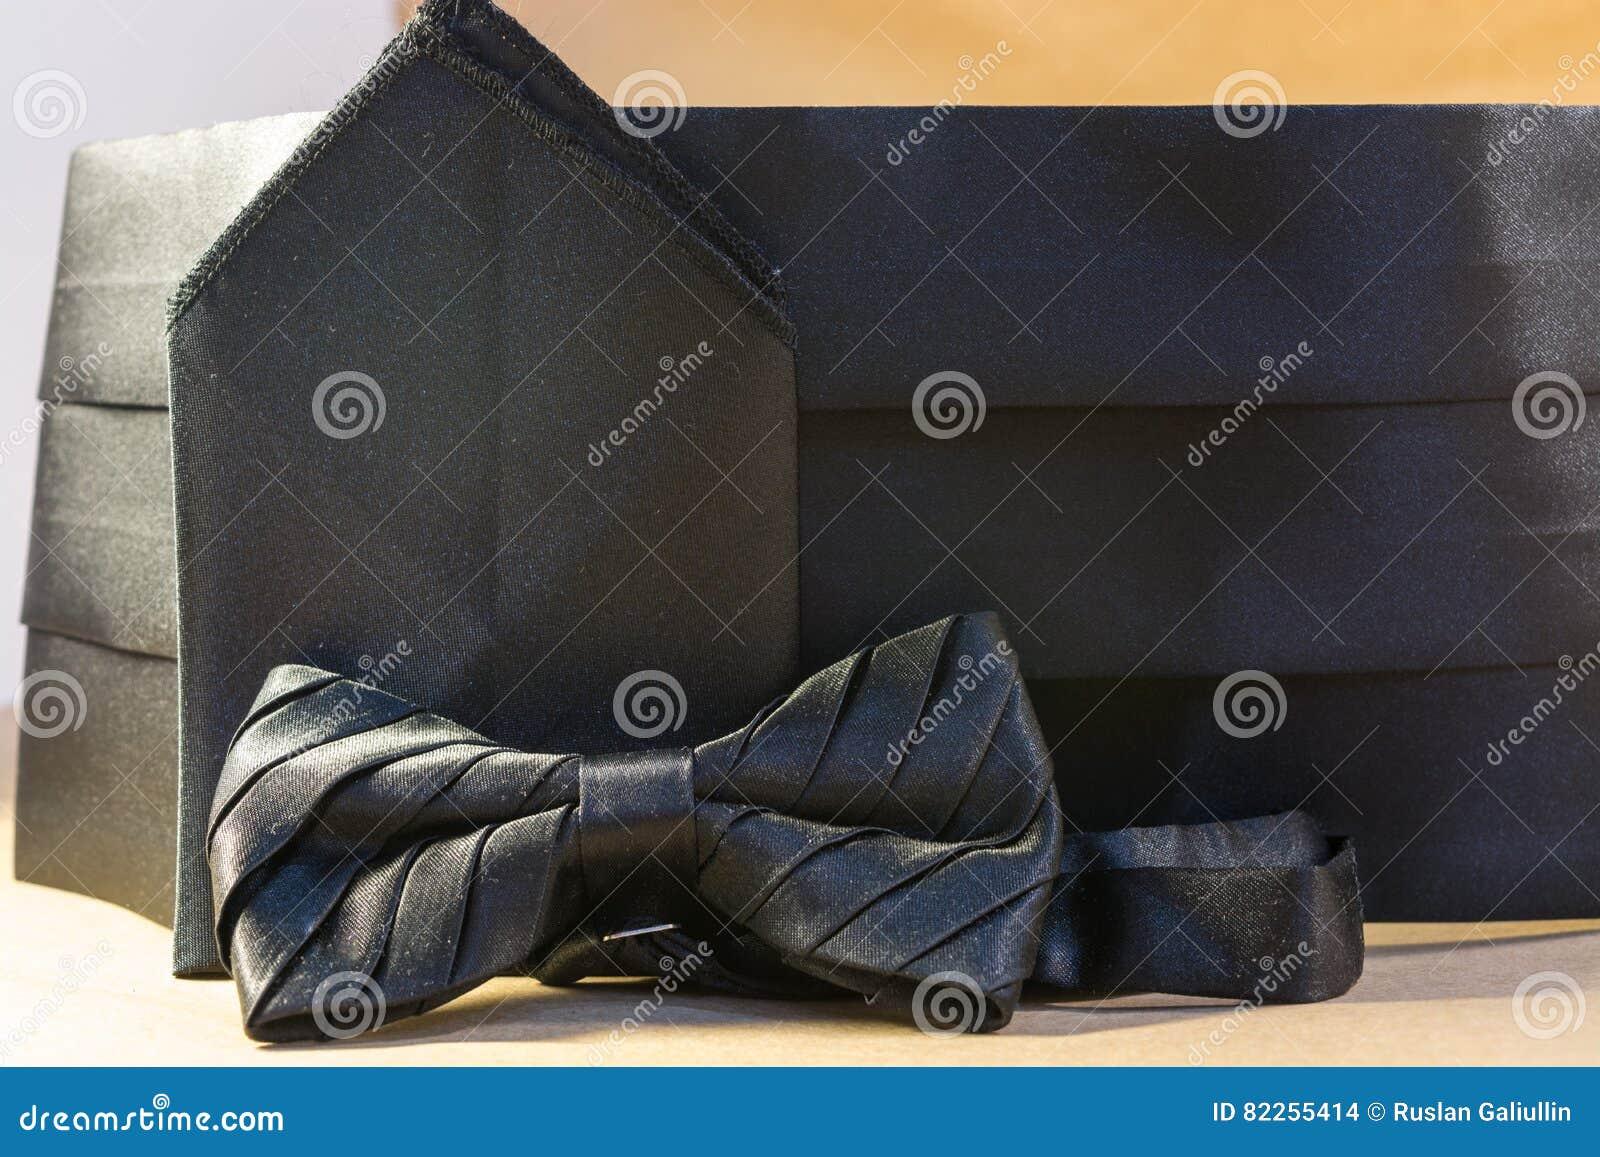 79a1bafb04ea Noeud Papillon Noir Avec Une Ceinture Et Un Mouchoir Photo stock ...